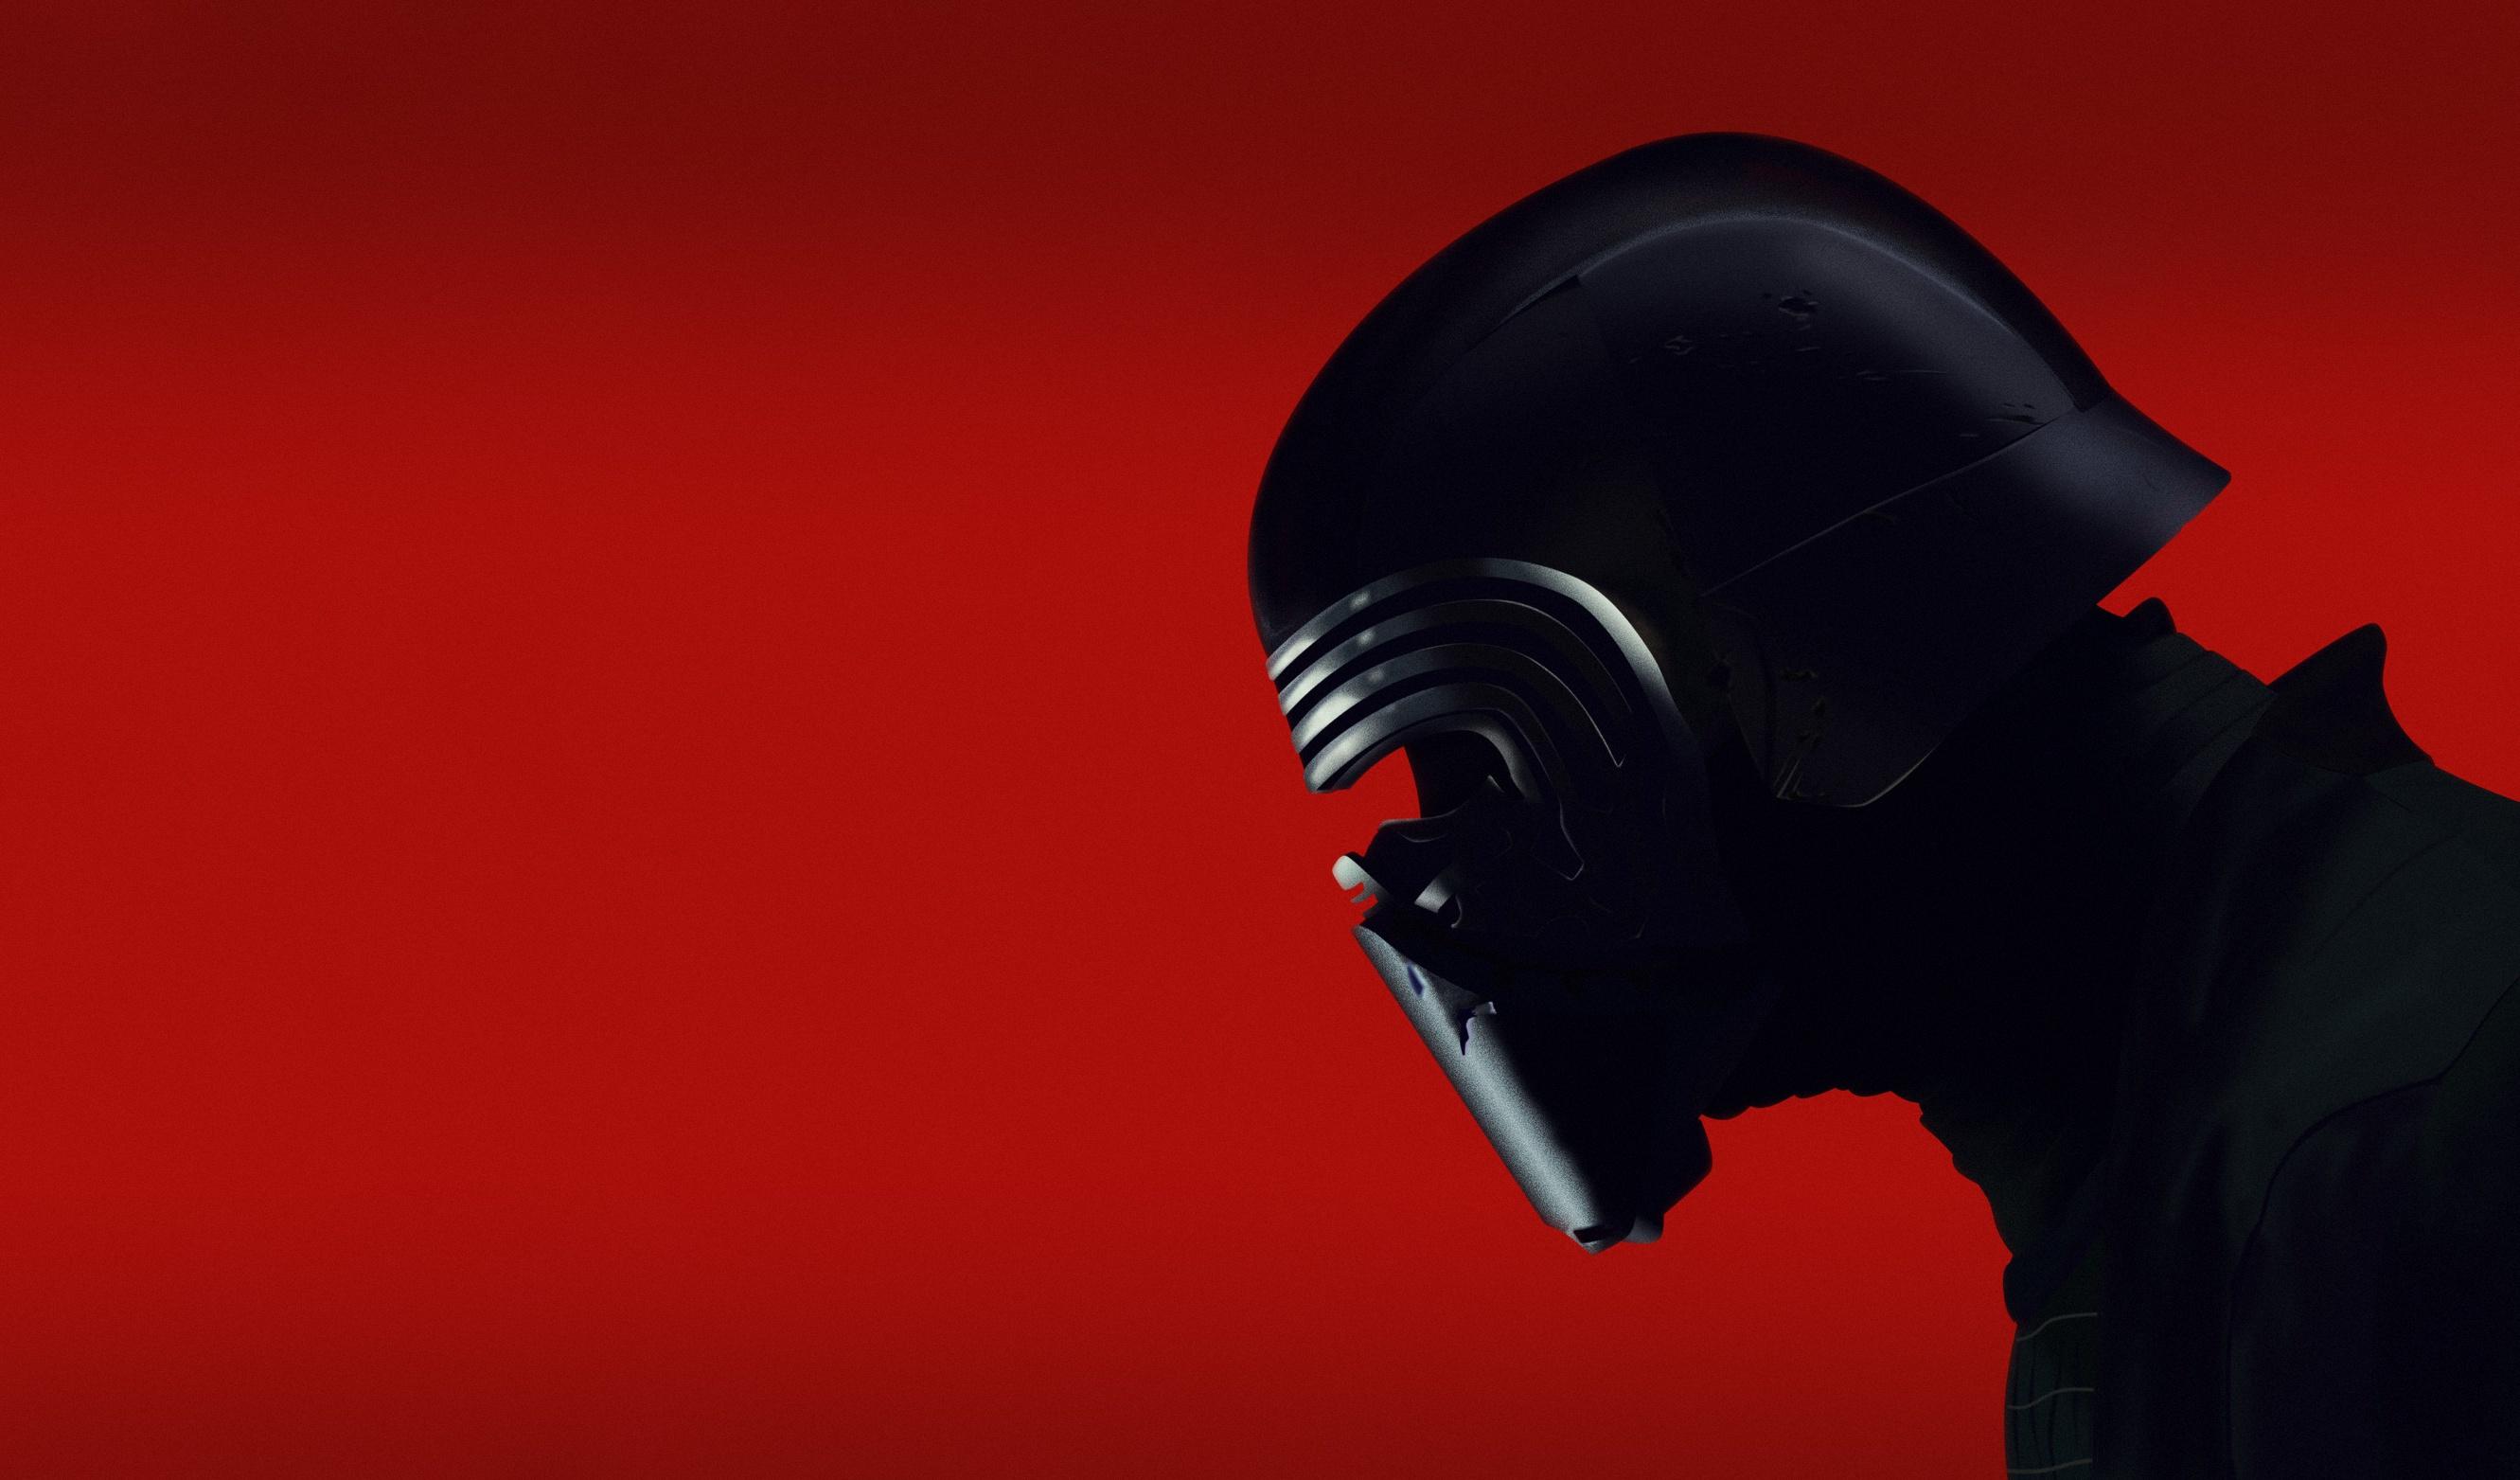 Star Wars Kylo Ren red background Star Wars Villains helmet 1562529